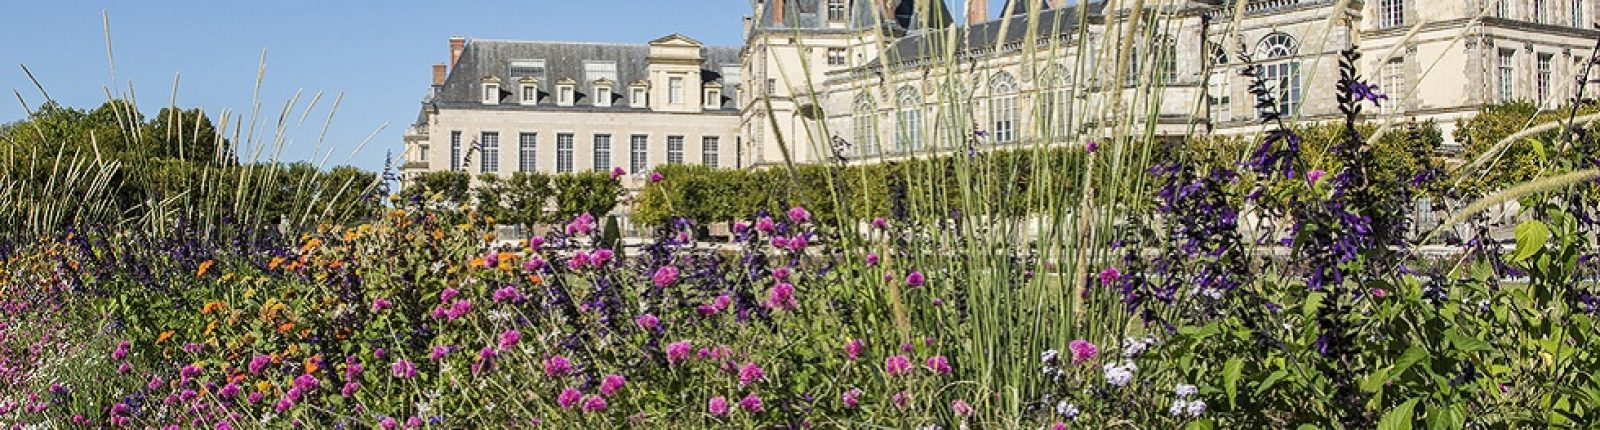 Cet été au château de Fontainebleau